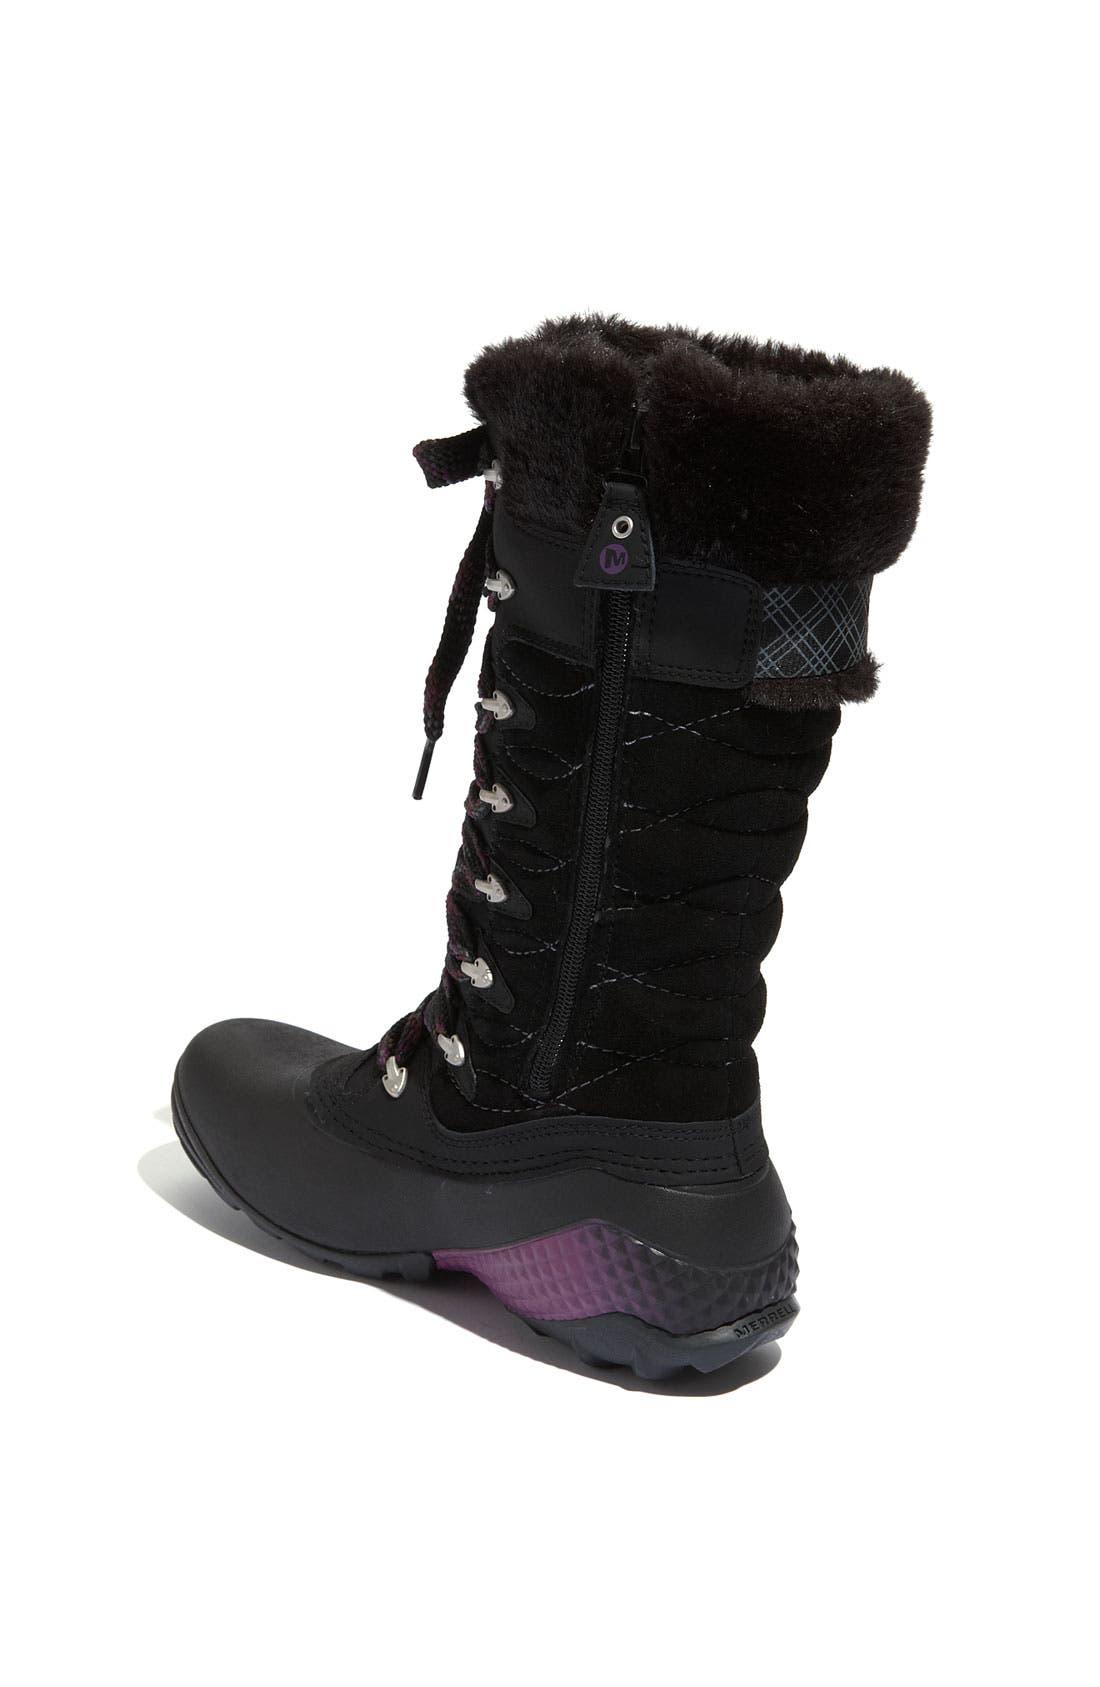 Alternate Image 2  - Merrell 'Winterbelle Peak' Waterproof Boot